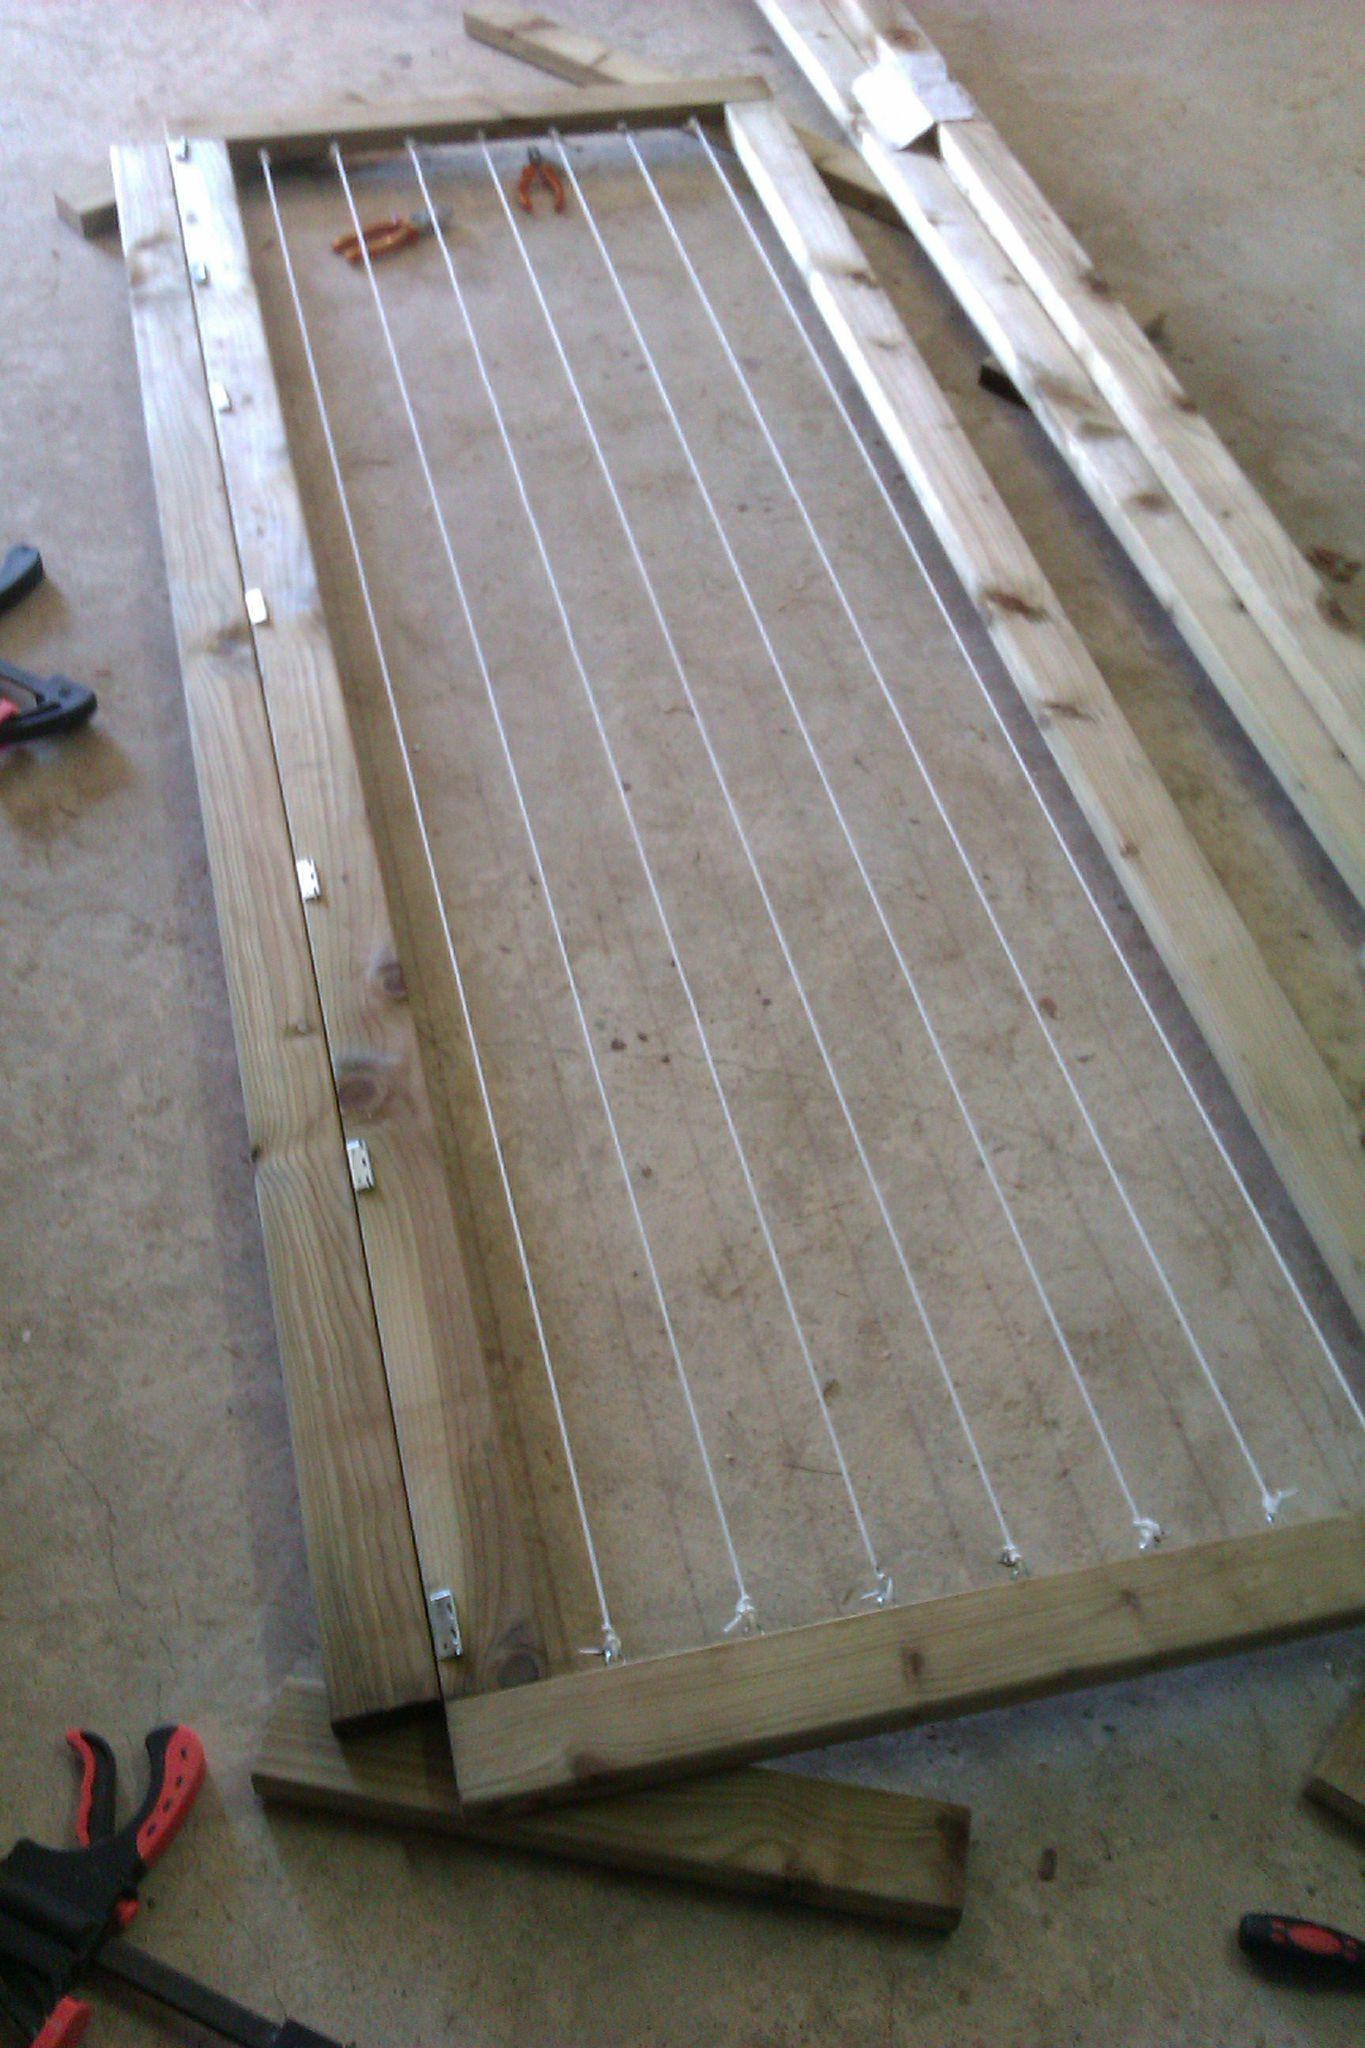 Fabriquer un etendoir a linge exterieur en bois for Fabriquer un cendrier exterieur